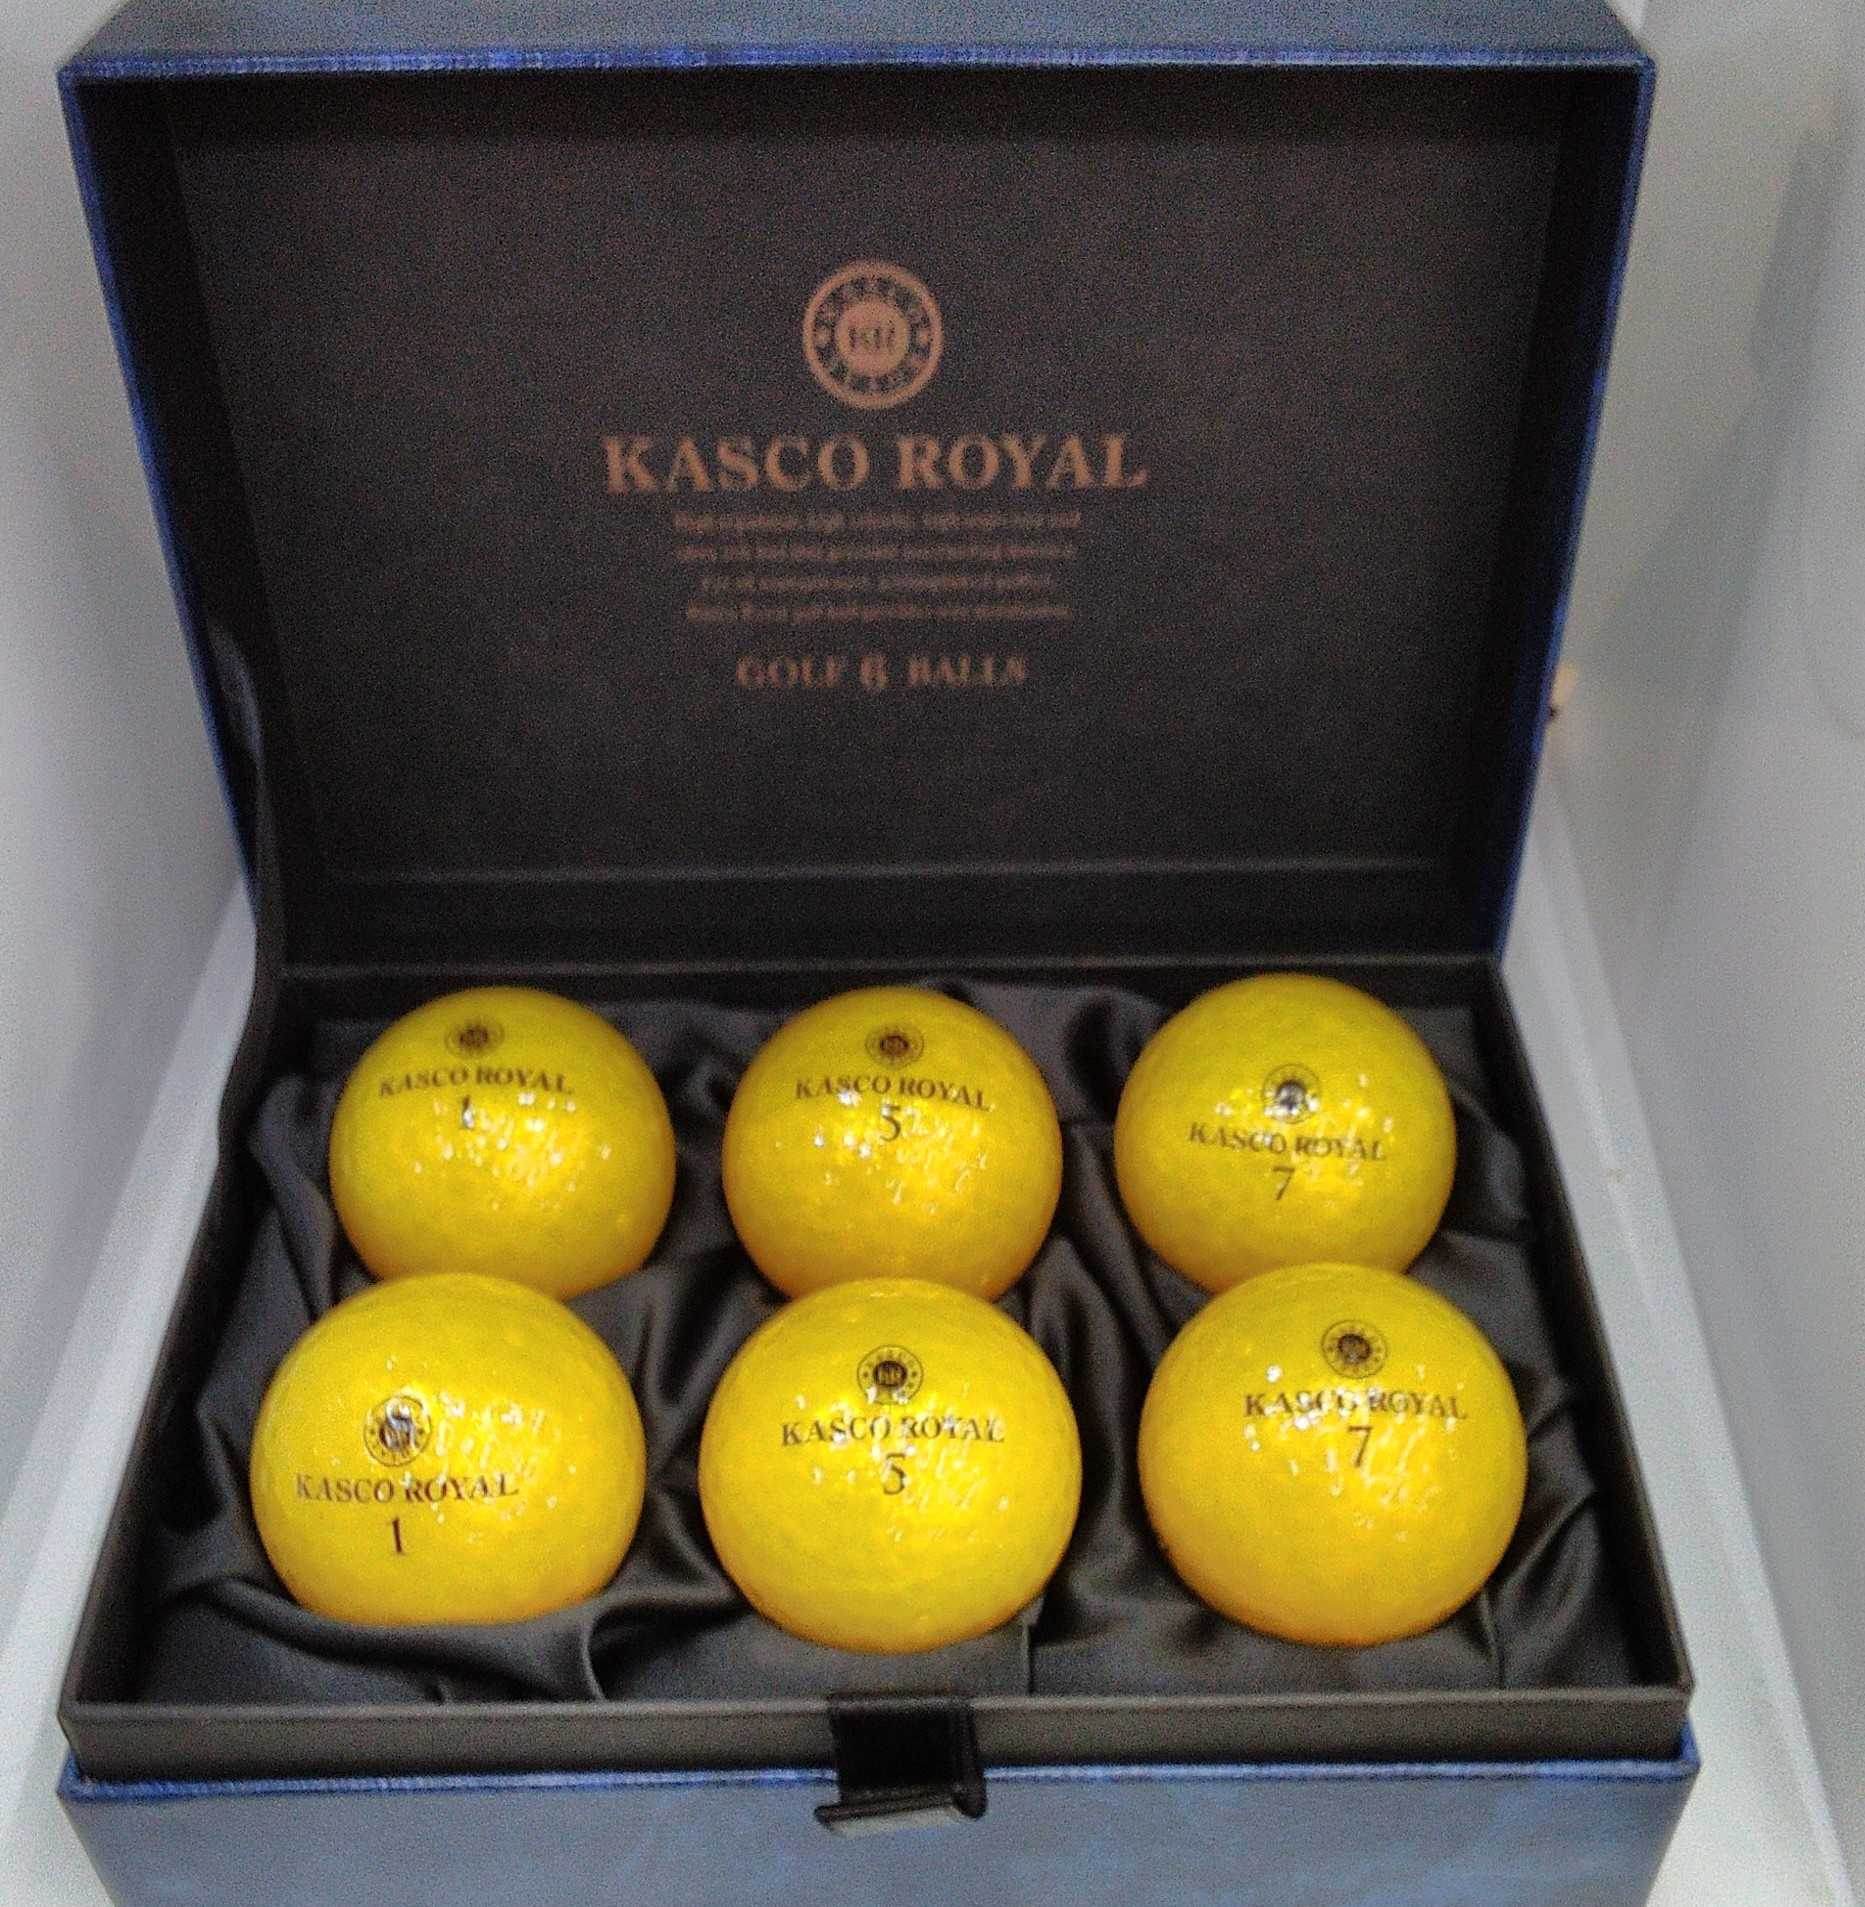 ゴルフボール 6個入り|KASCO ROYAL